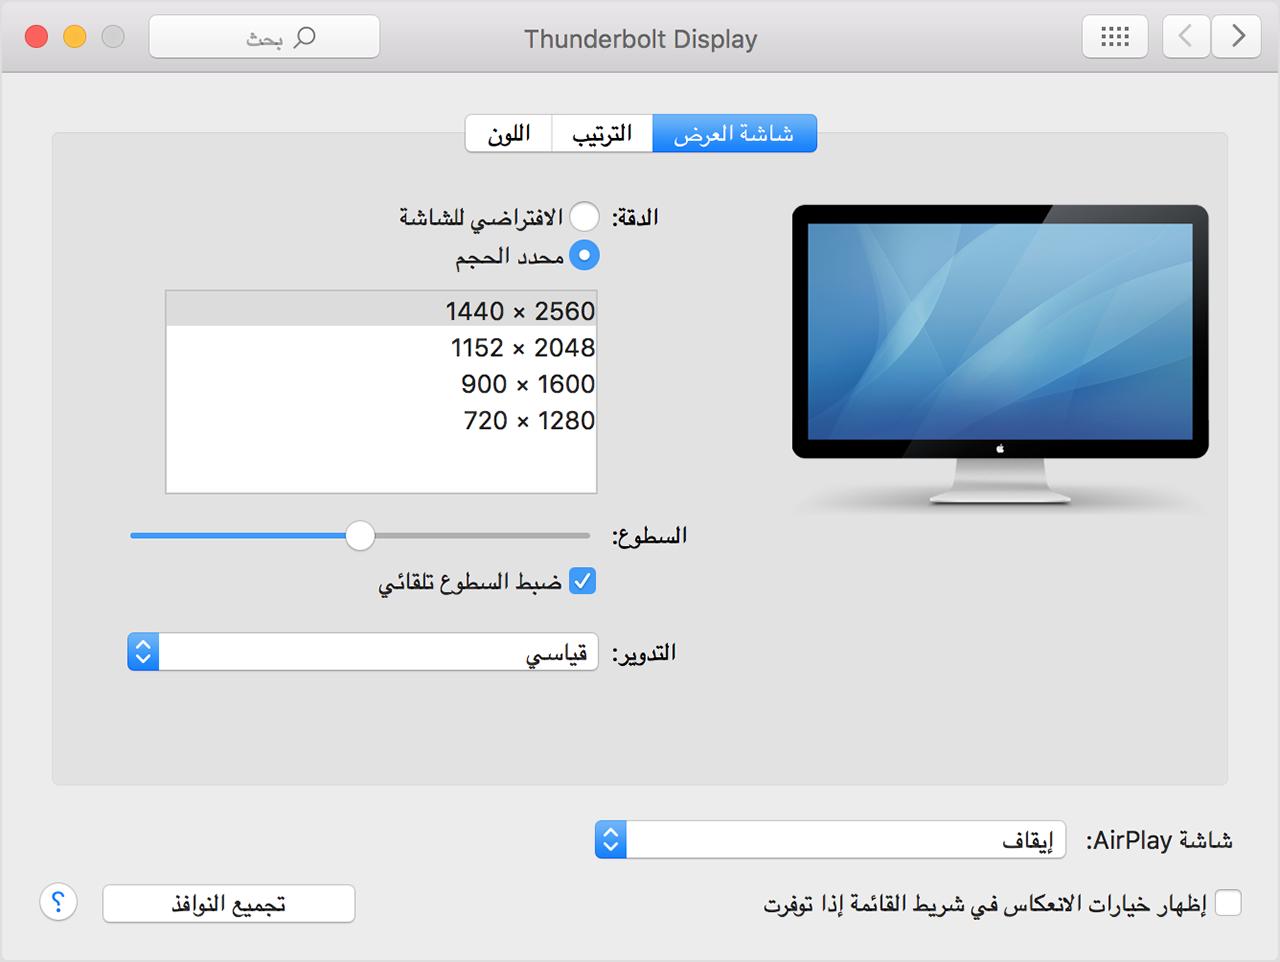 الحصول على مساعدة فيما يتعلق بمشاكل الفيديو على الشاشات الخارجية المتصلة بـ Mac Apple الدعم